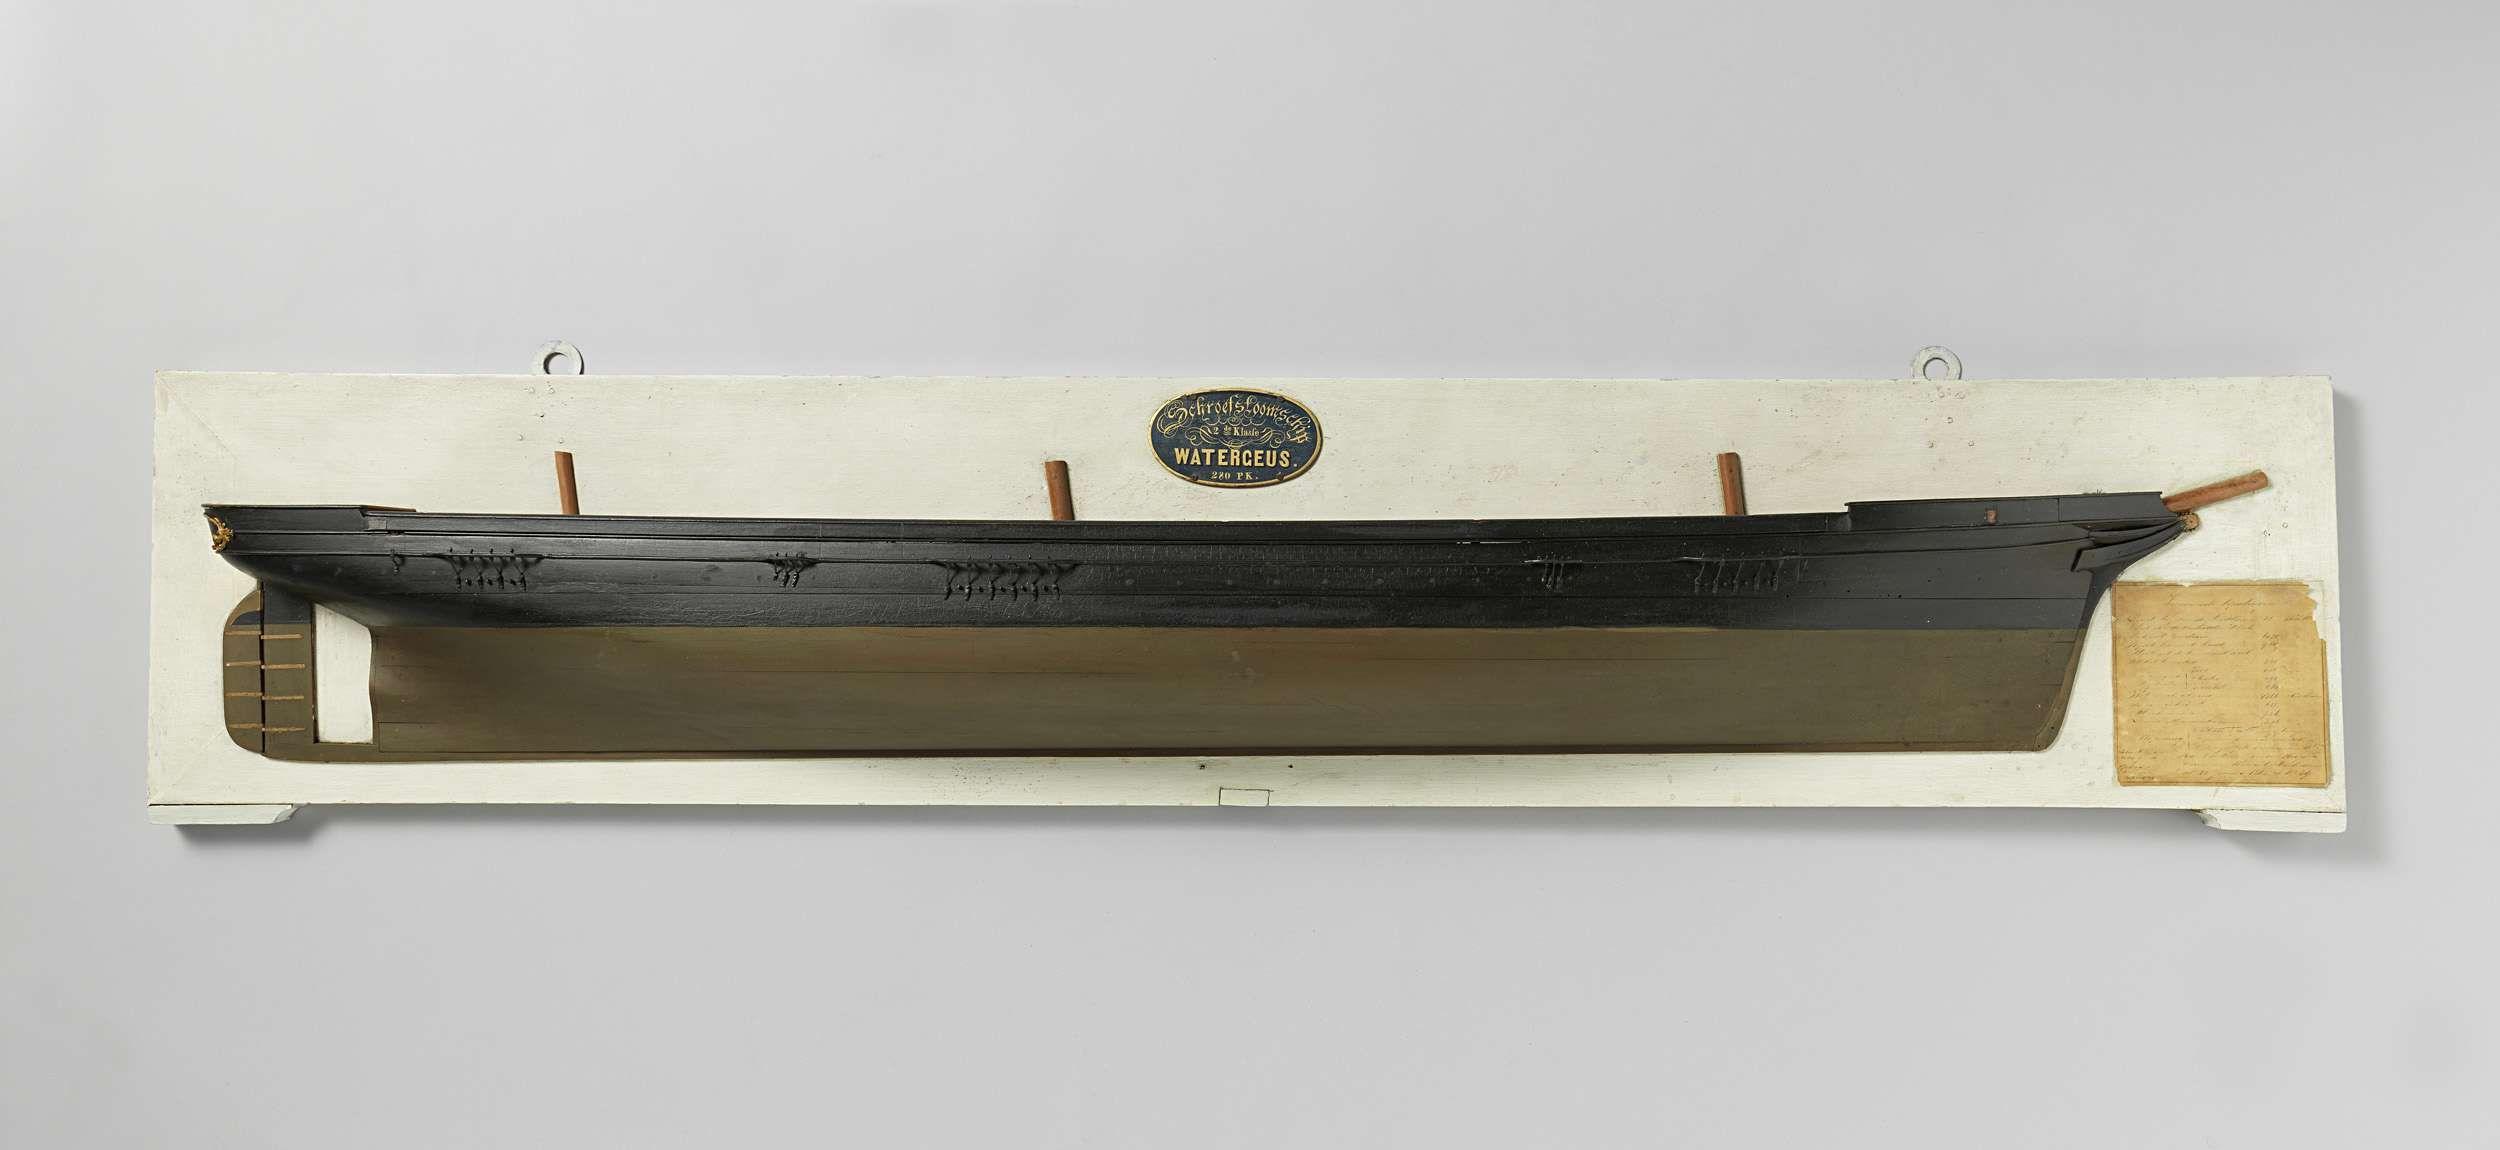 Bruno Johannes Tideman | Halfmodel van het schroefstoomschip Watergeus, Bruno Johannes Tideman, Rijkswerf Amsterdam, 1865 | Gepolychromeerd stapelmodel (stuurboord) van een driemast schroefstoomschip. Het model heeft een dek en een klein campanjedek boven de schroefkoker. Scherpe voorsteven met krul op de scheg. Elliptisch hek met verguld Rijkswapen, schroefraam, roer met afgerond roerblad waarop roermuts en roerijzers geschilderd. Bijna vlakke zeeg, een reehout. Het onderwaterschip is een…